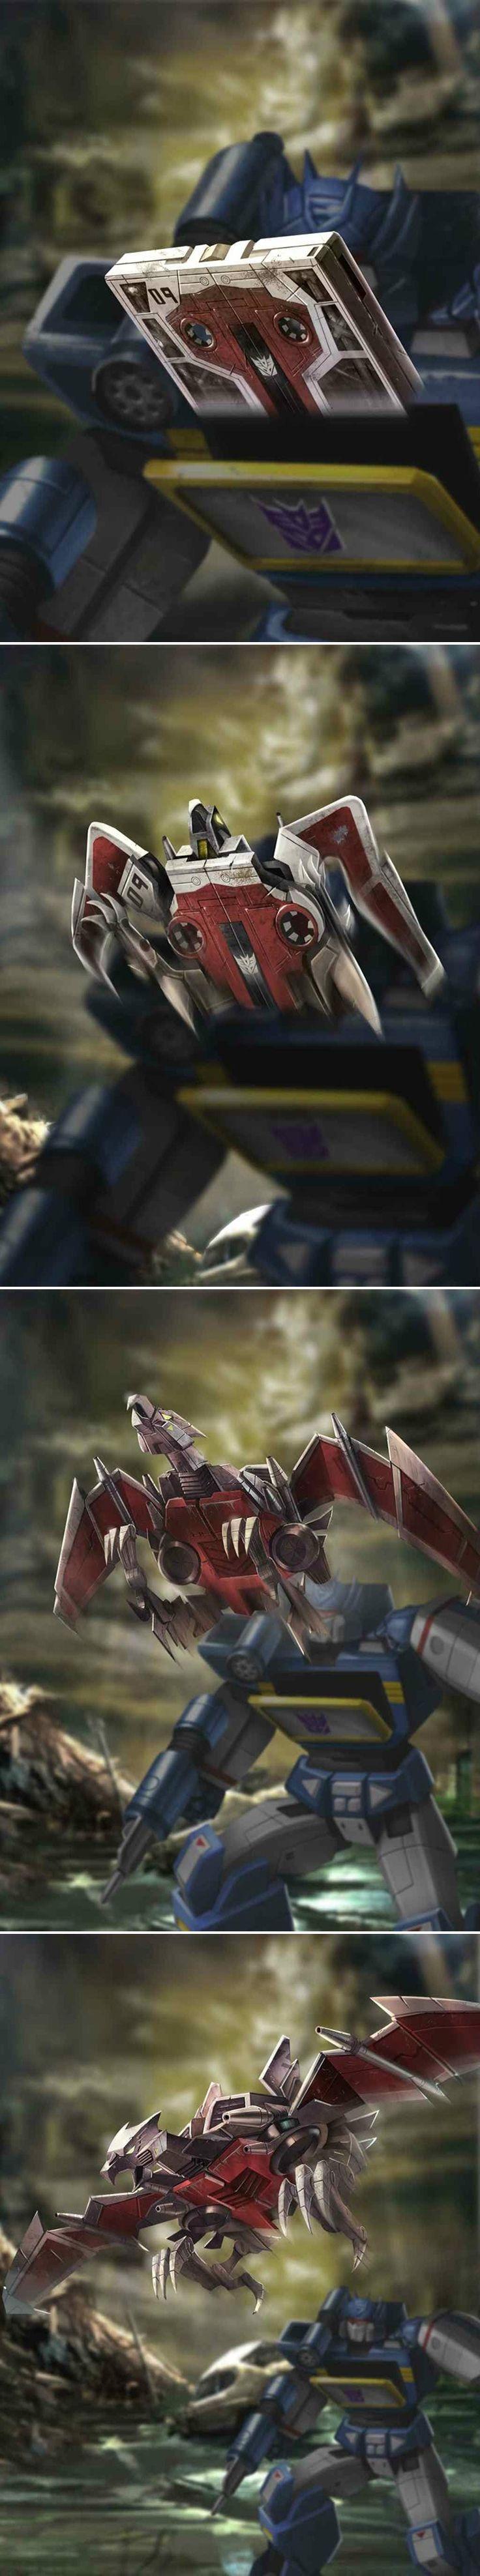 Transformers - Legends - Decepticon Lazerbeak  by manbu1977 on deviantART